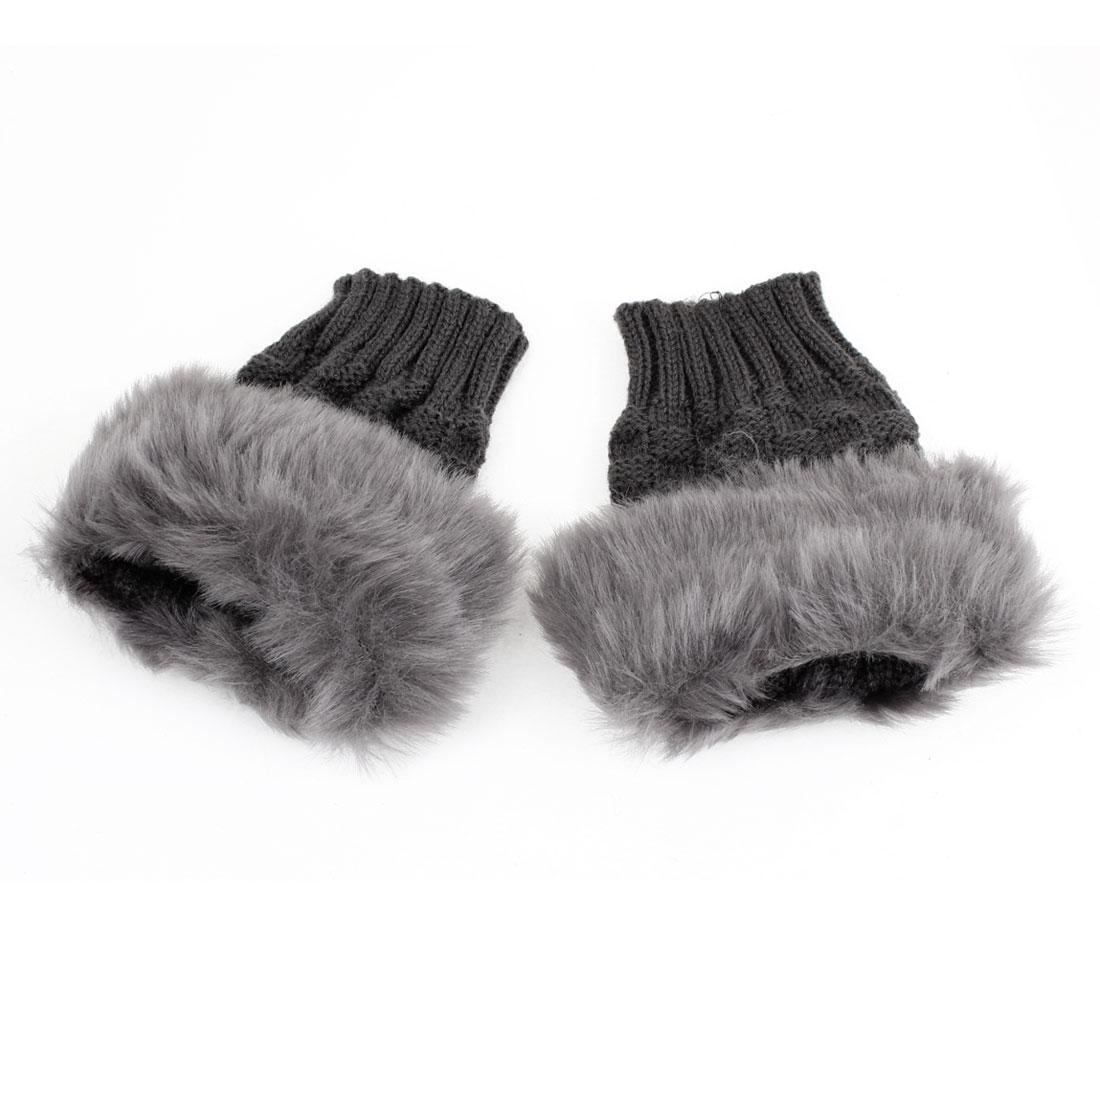 Woman Pair Faux Fur Thumb Hole Fingerless Wrist Gloves Dark Gray